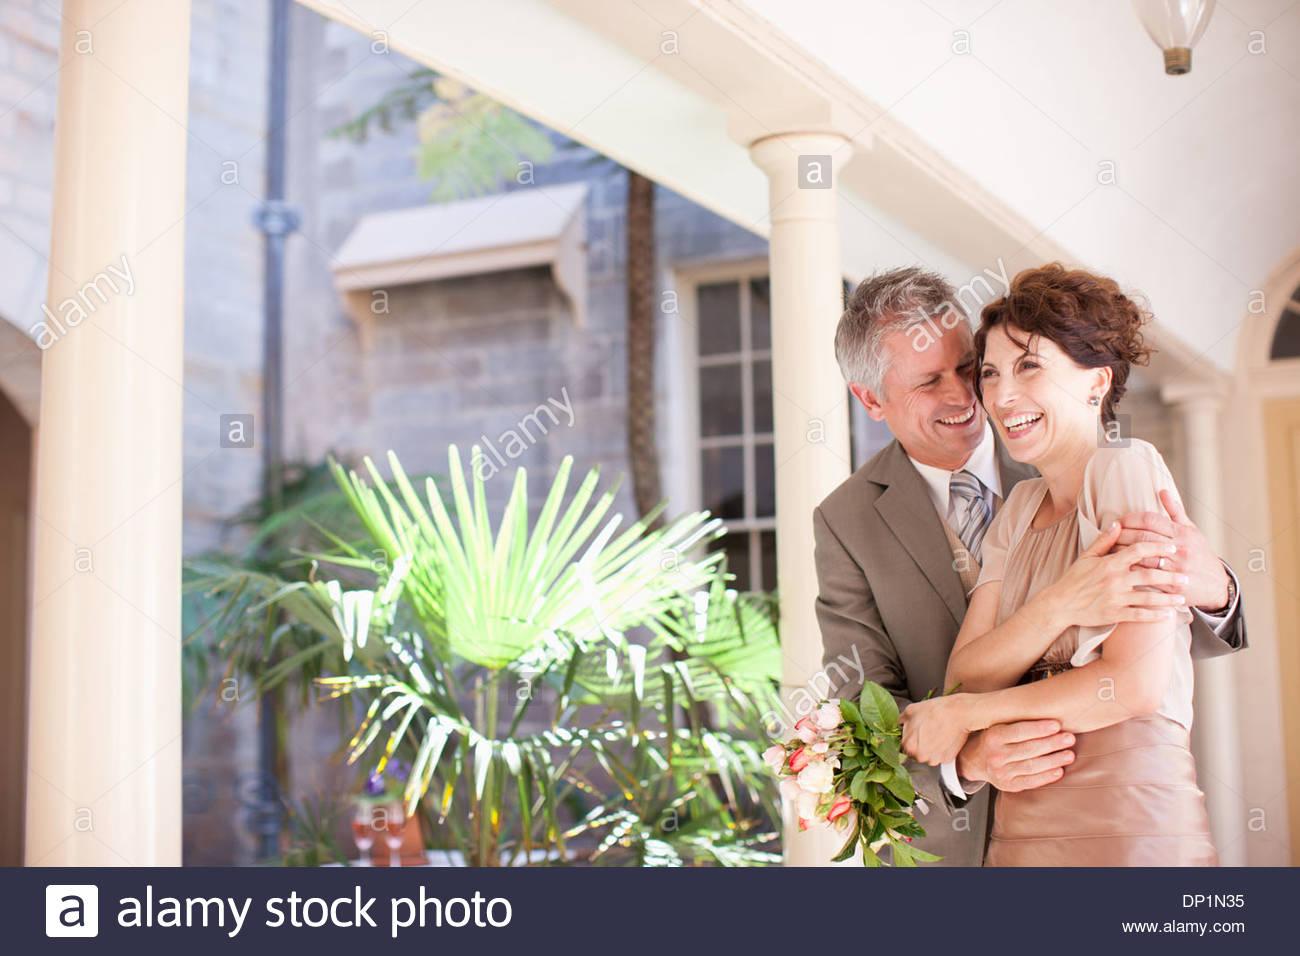 La novia y el novio maduro sonriendo Imagen De Stock